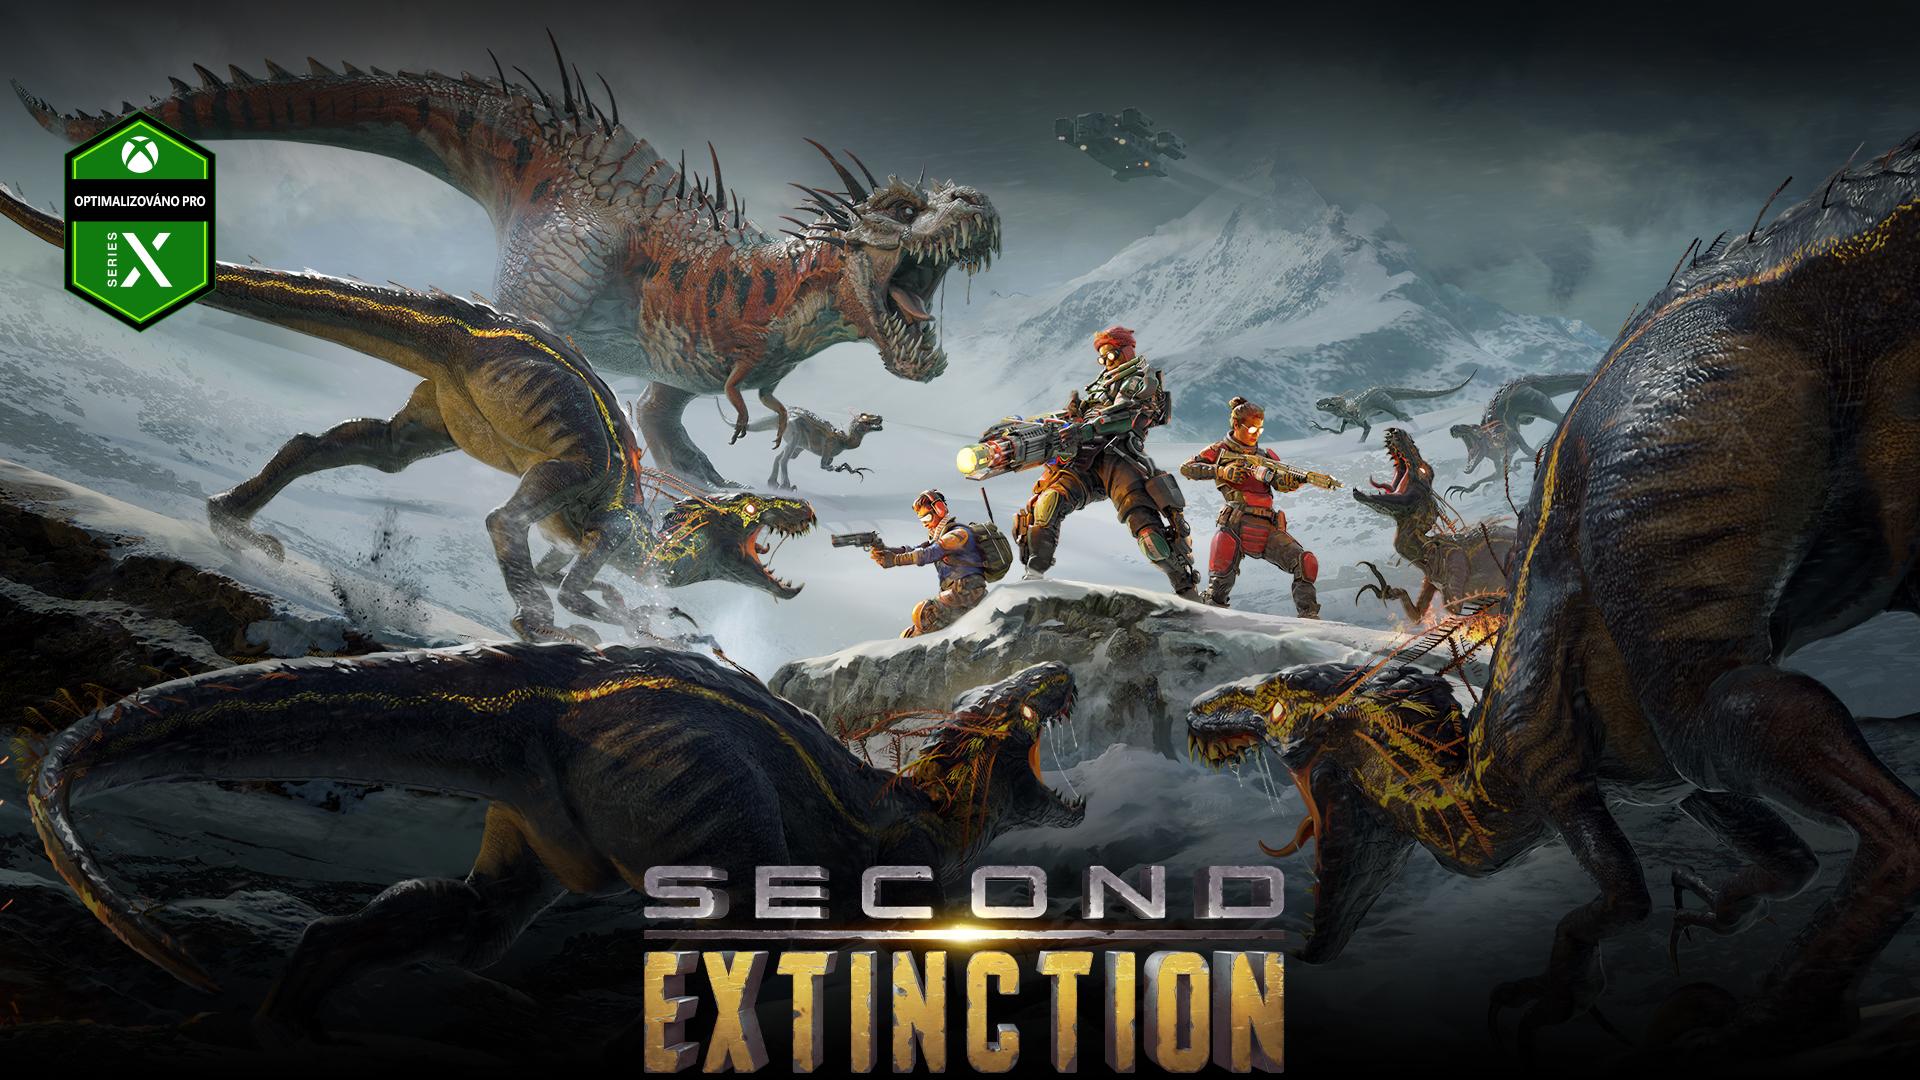 Second Extinction, Optimalizováno pro Series X, skupina postav bojuje proti skupině dinosaurů.